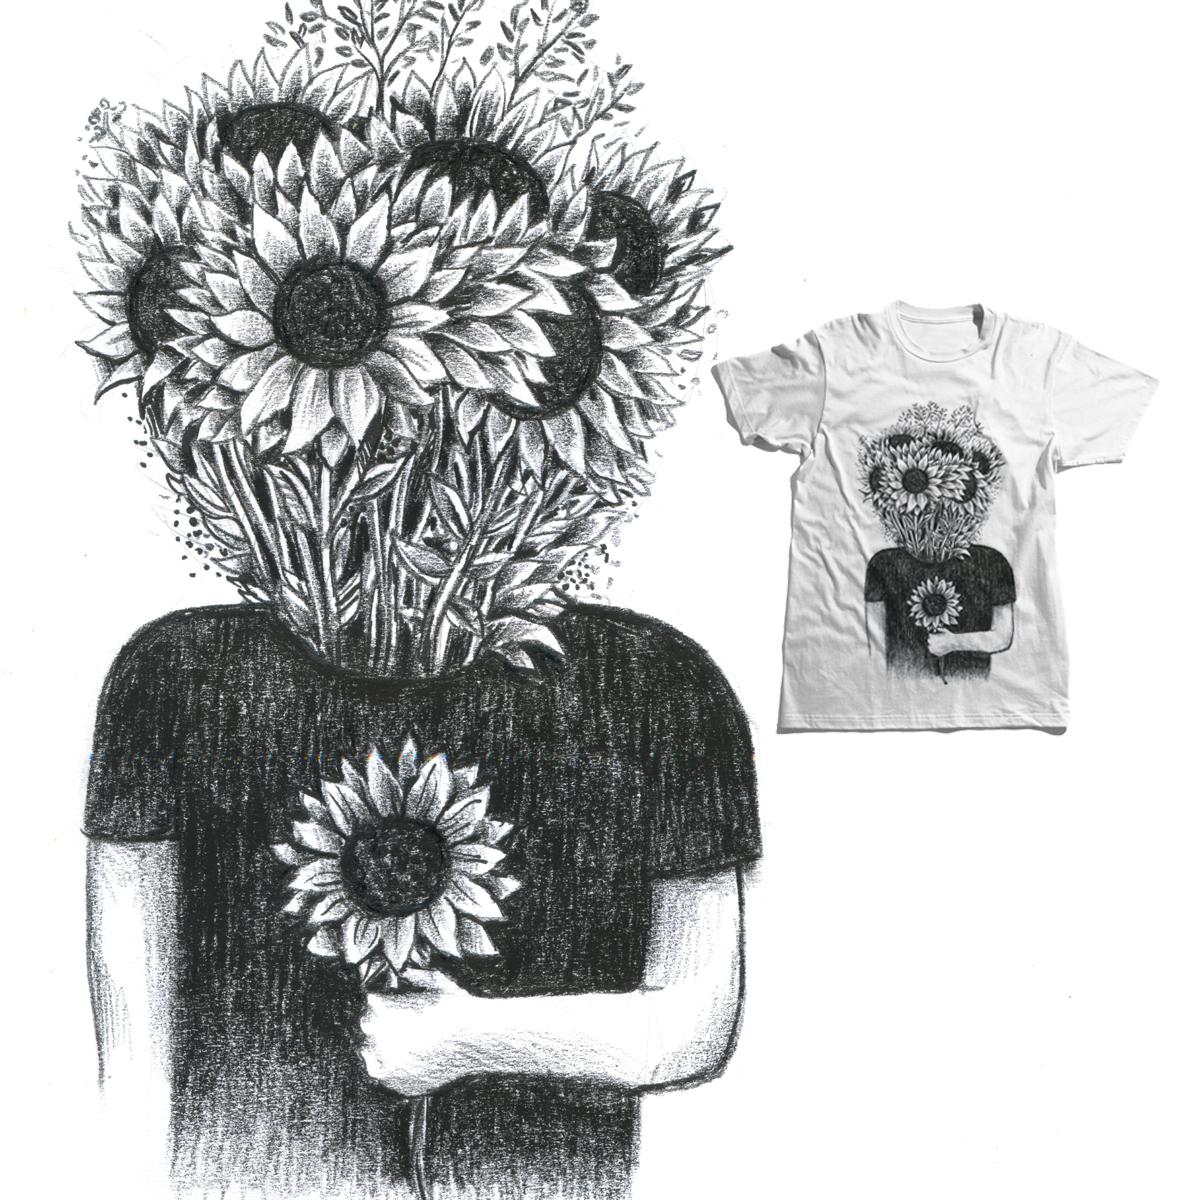 Bloom by dandingeroz on Threadless